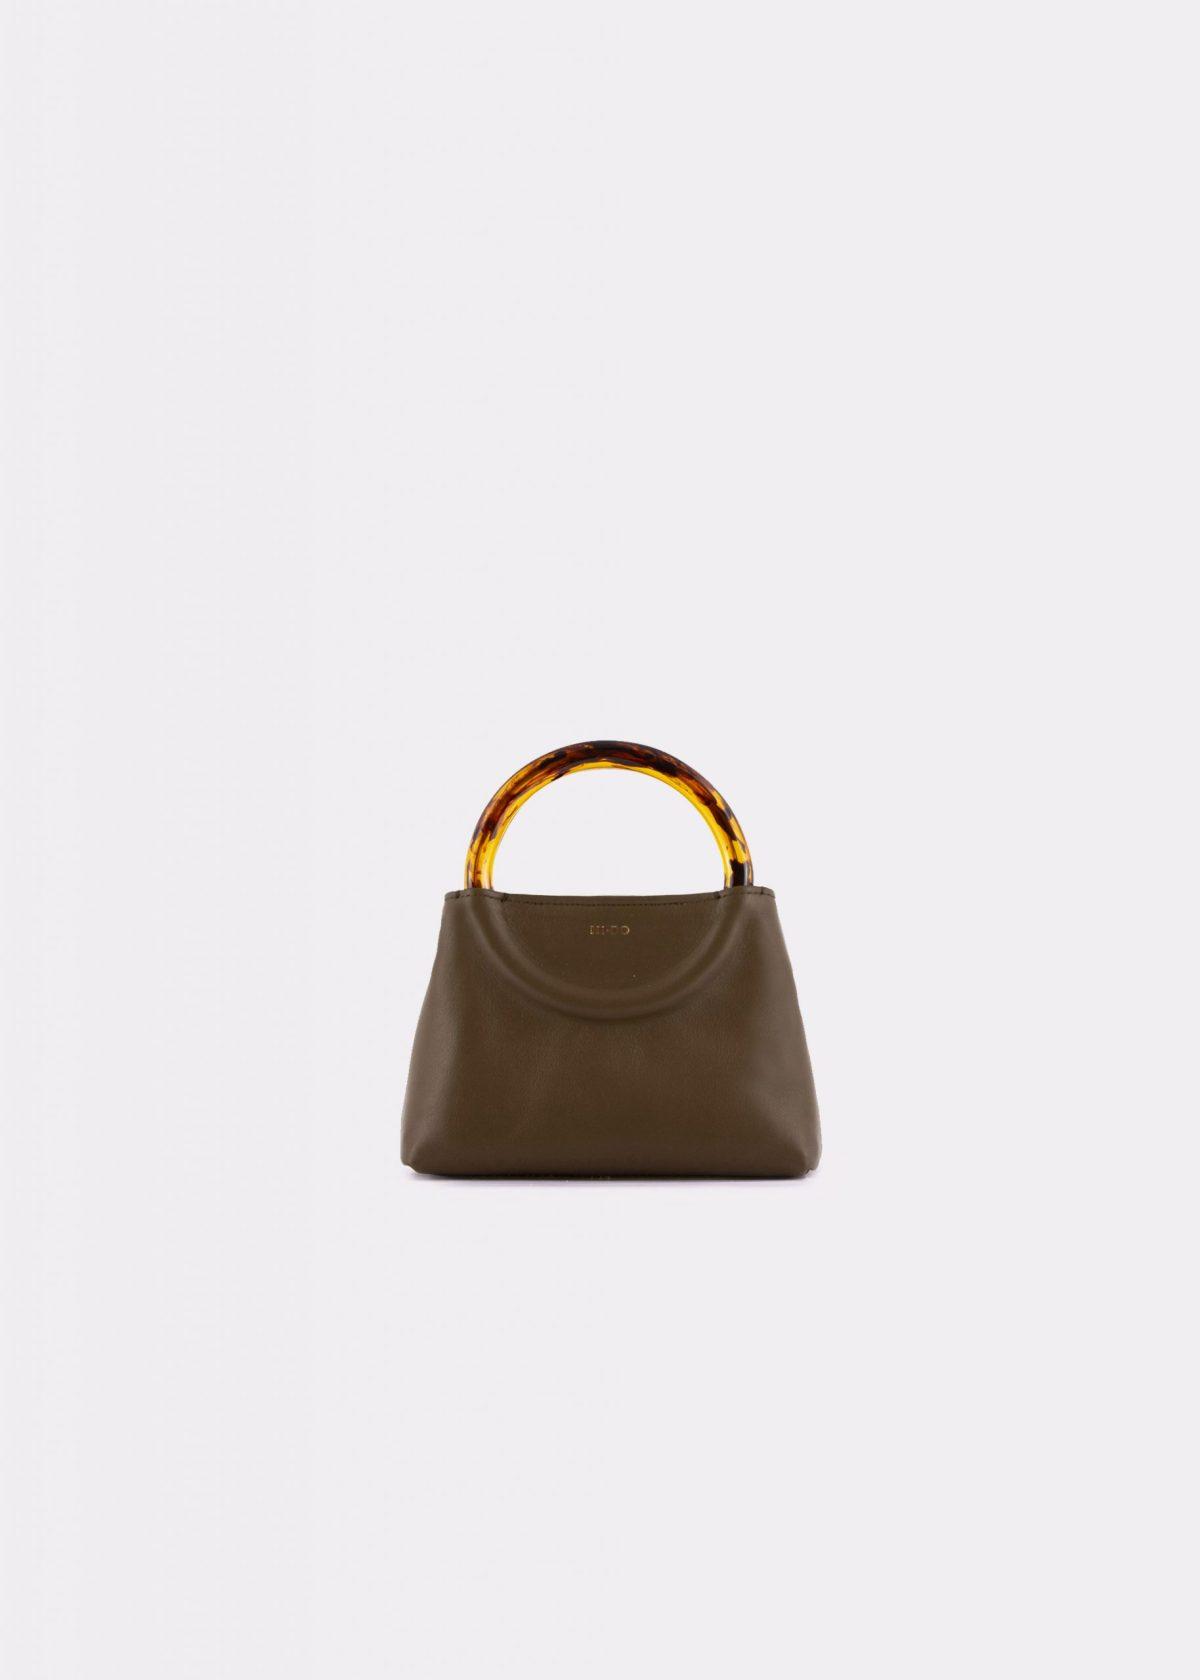 NIDO Bolla_Micro bag olive_front view